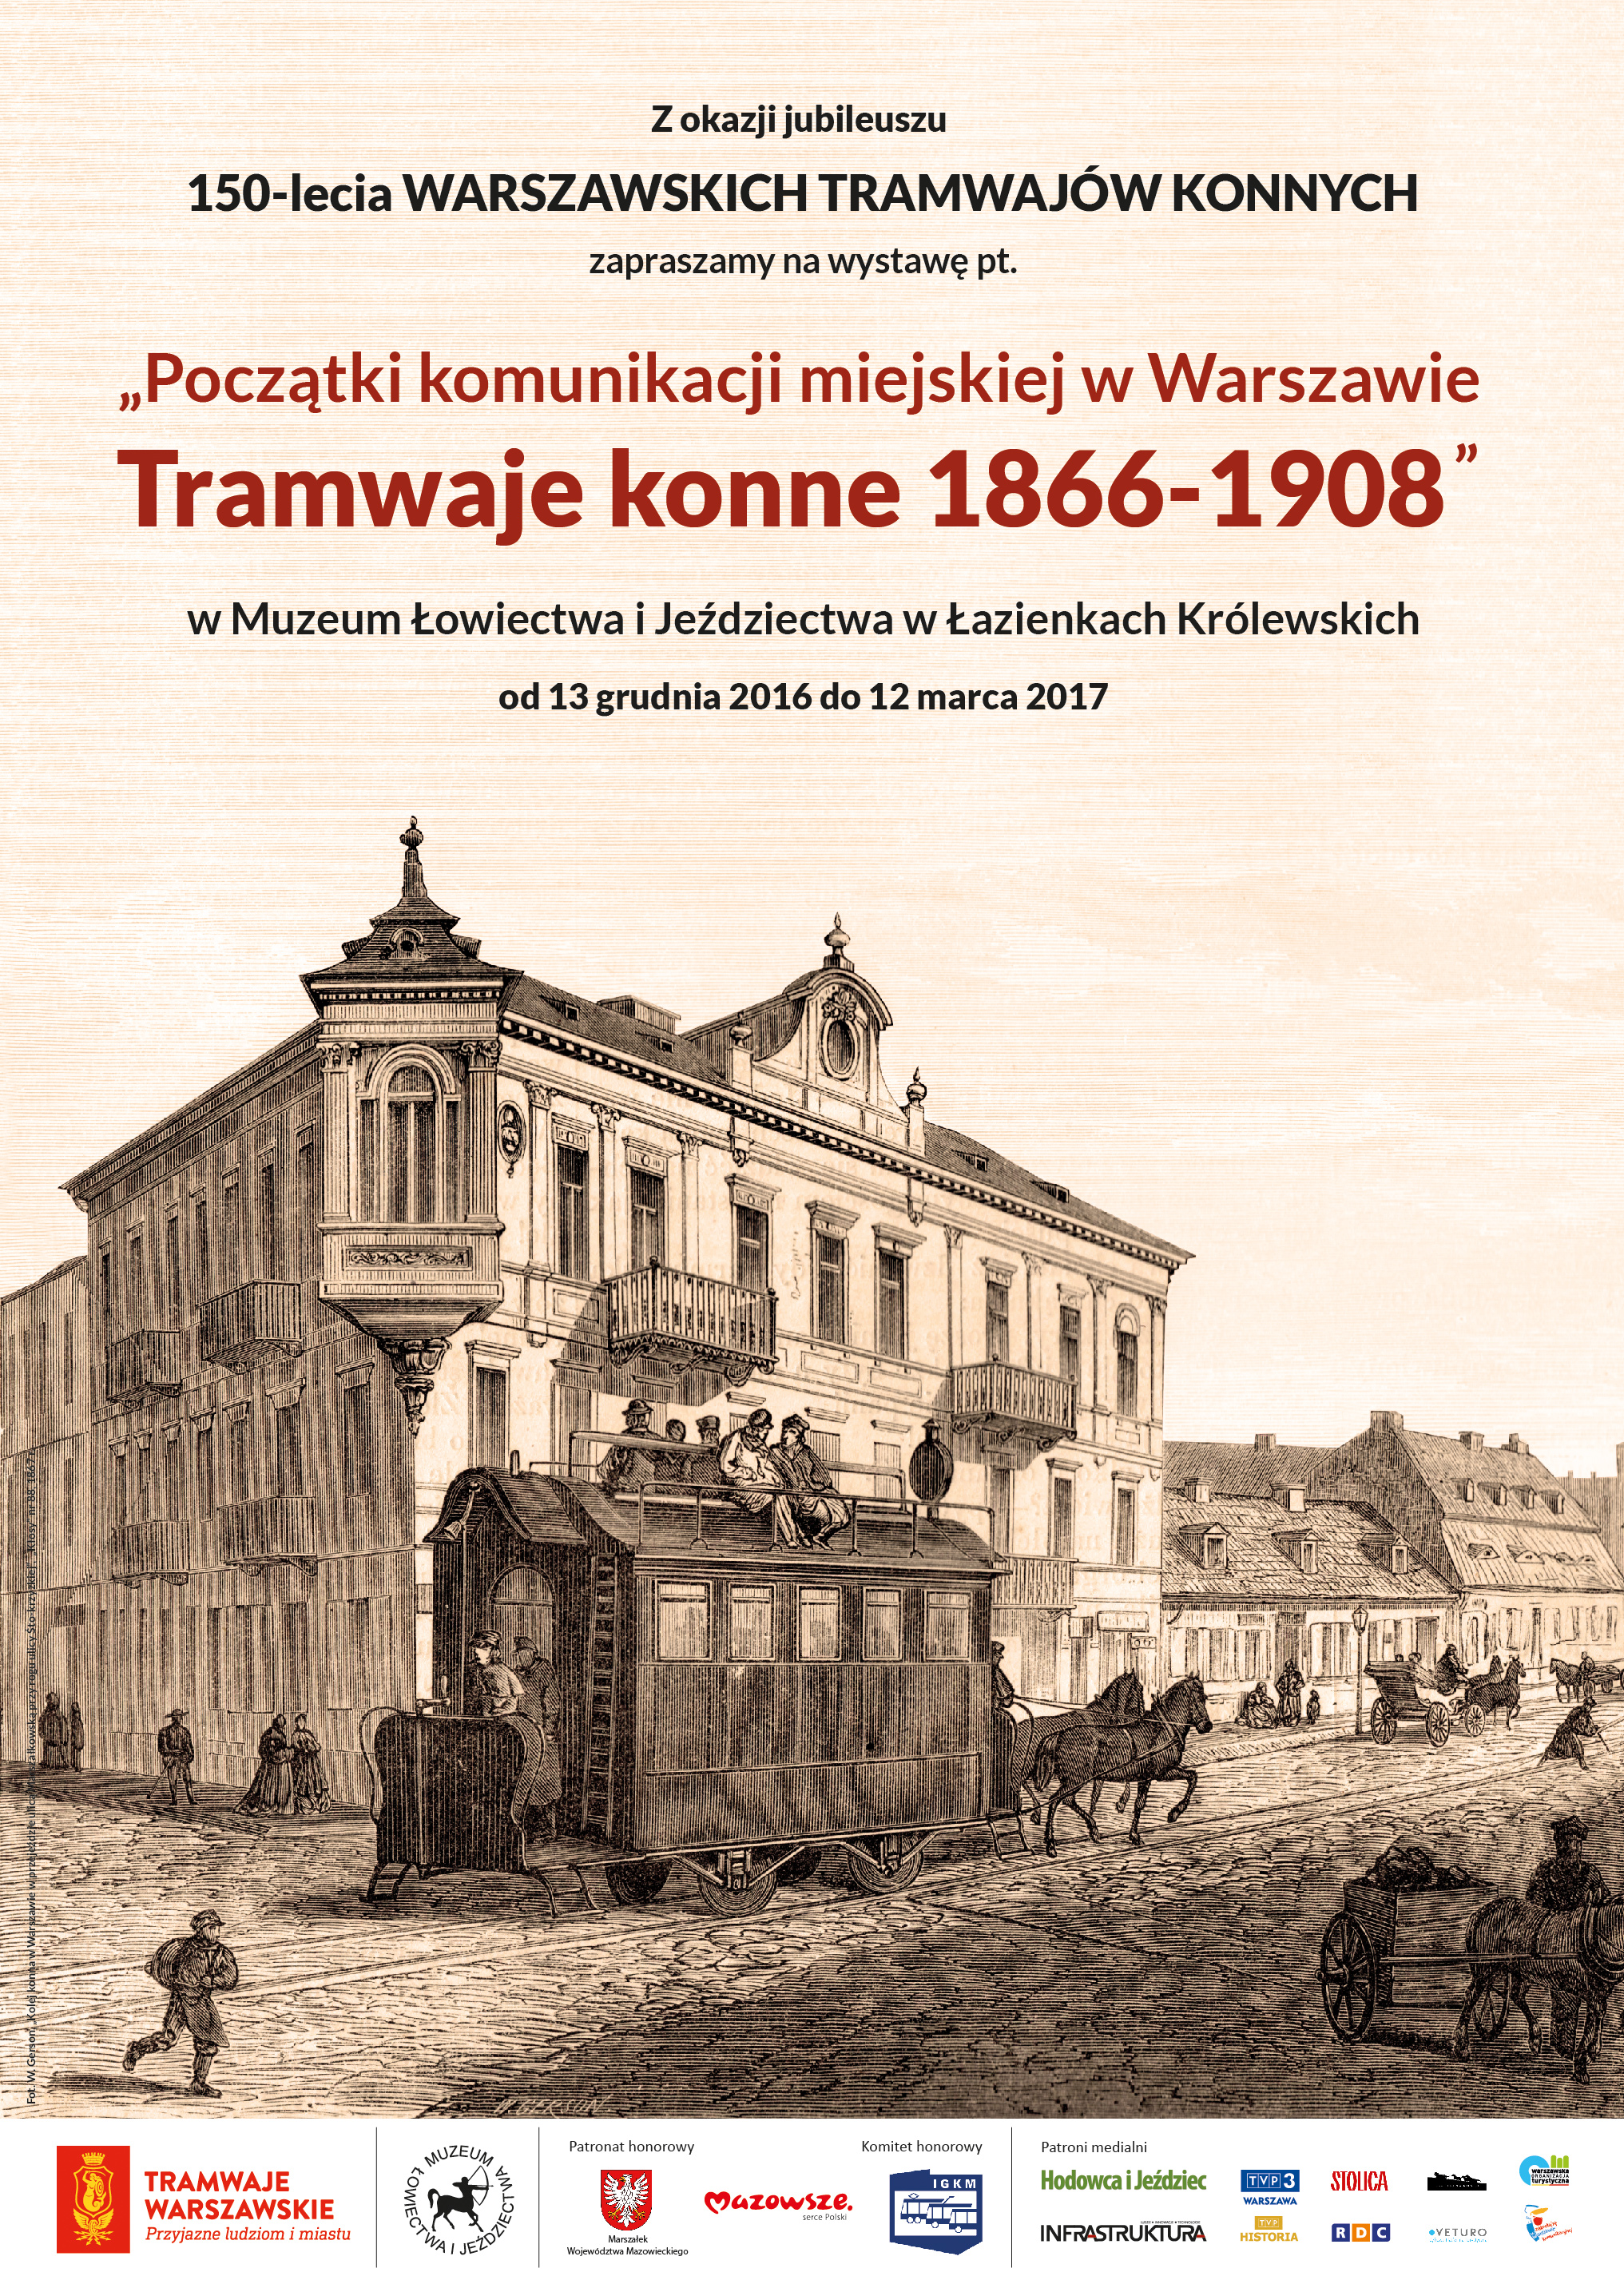 Początki komunikacji miejskiej wWarszawie